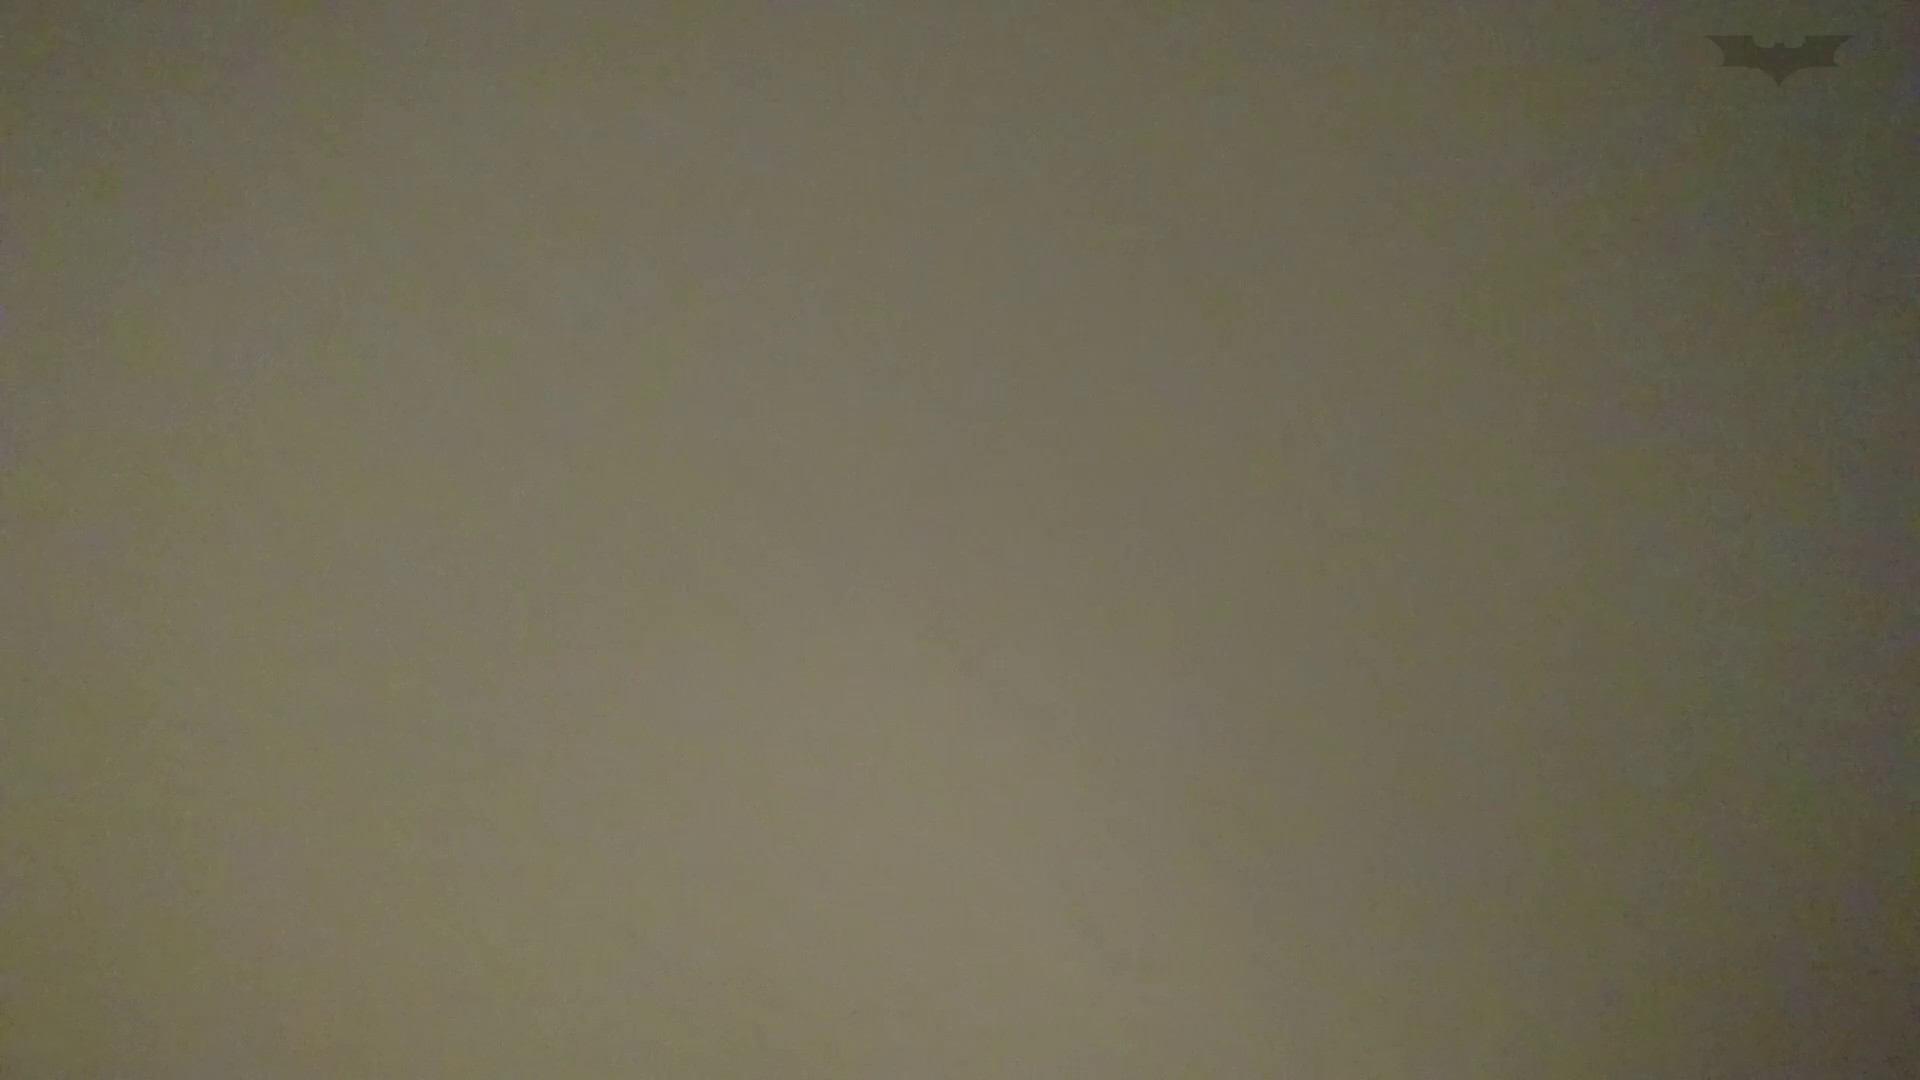 化粧室絵巻 ショッピングモール編 VOL.05 丸見え オマンコ無修正動画無料 97画像 3